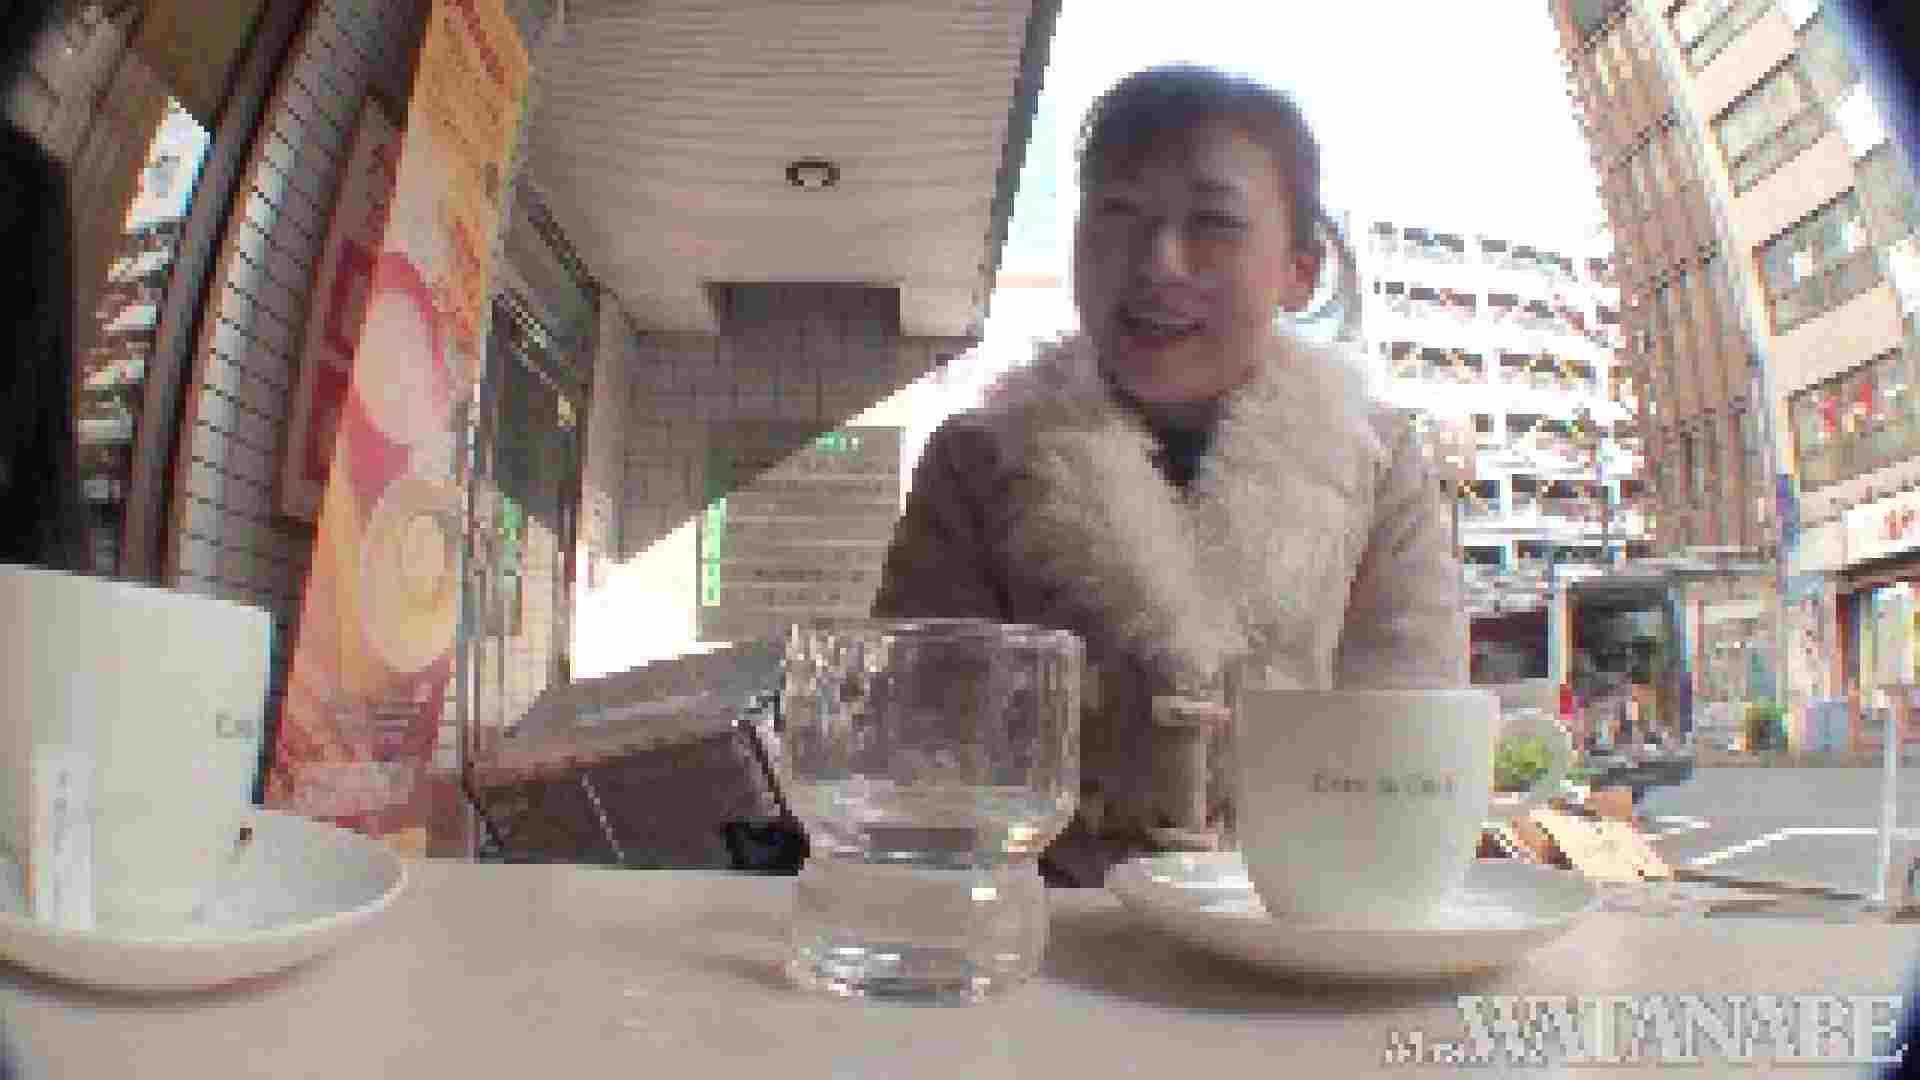 撮影スタッフを誘惑する痴熟女 かおり40歳 Vol.01 素人 | HなOL  67pic 21